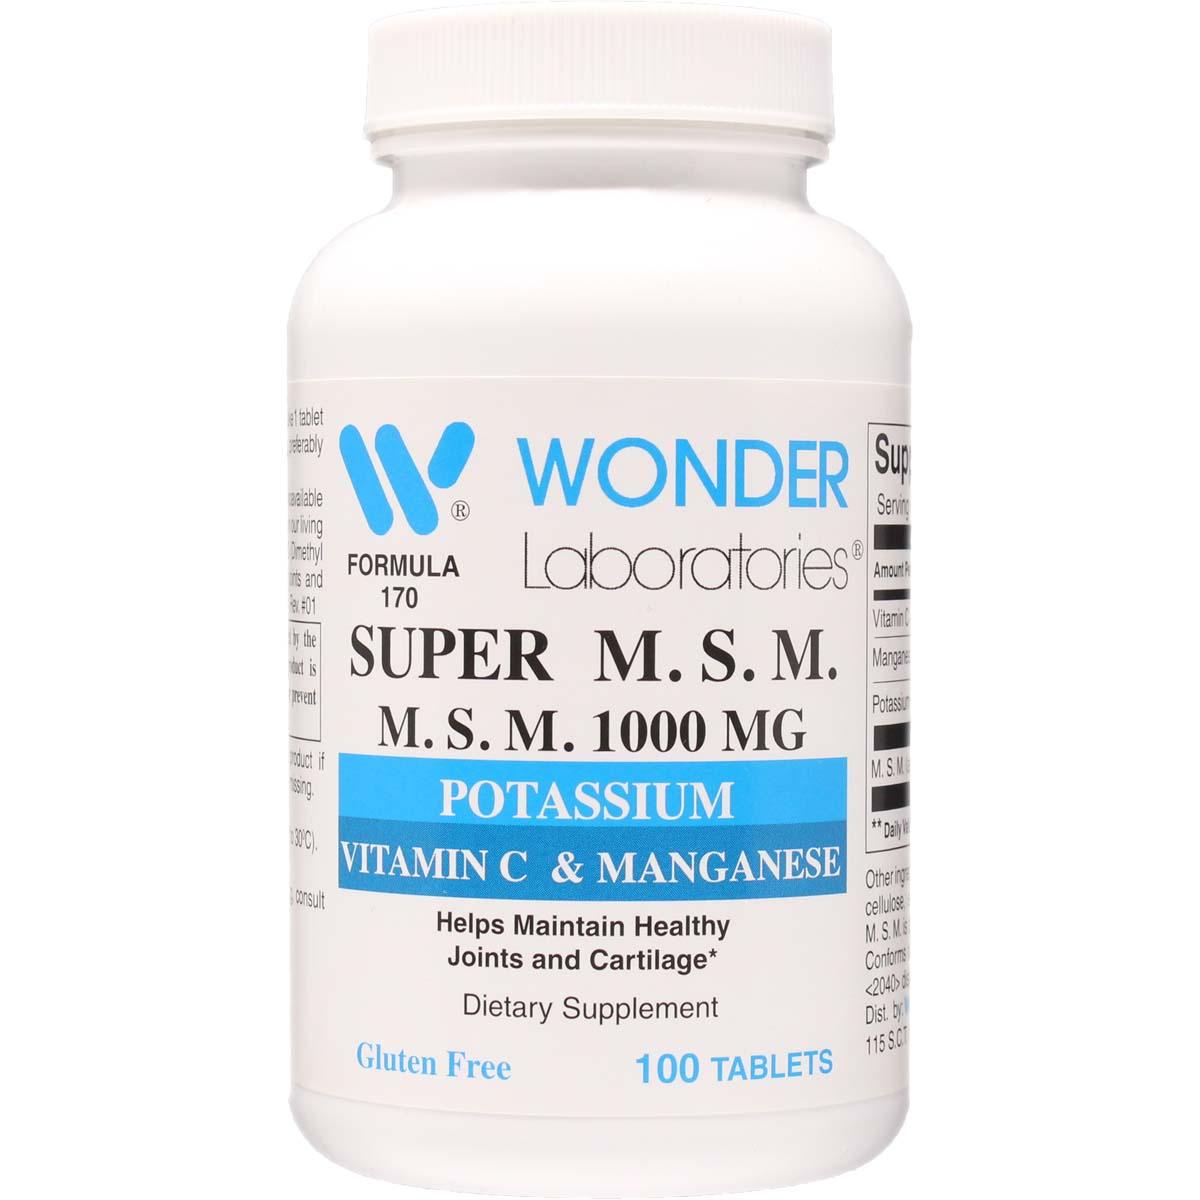 1000 mg potassium